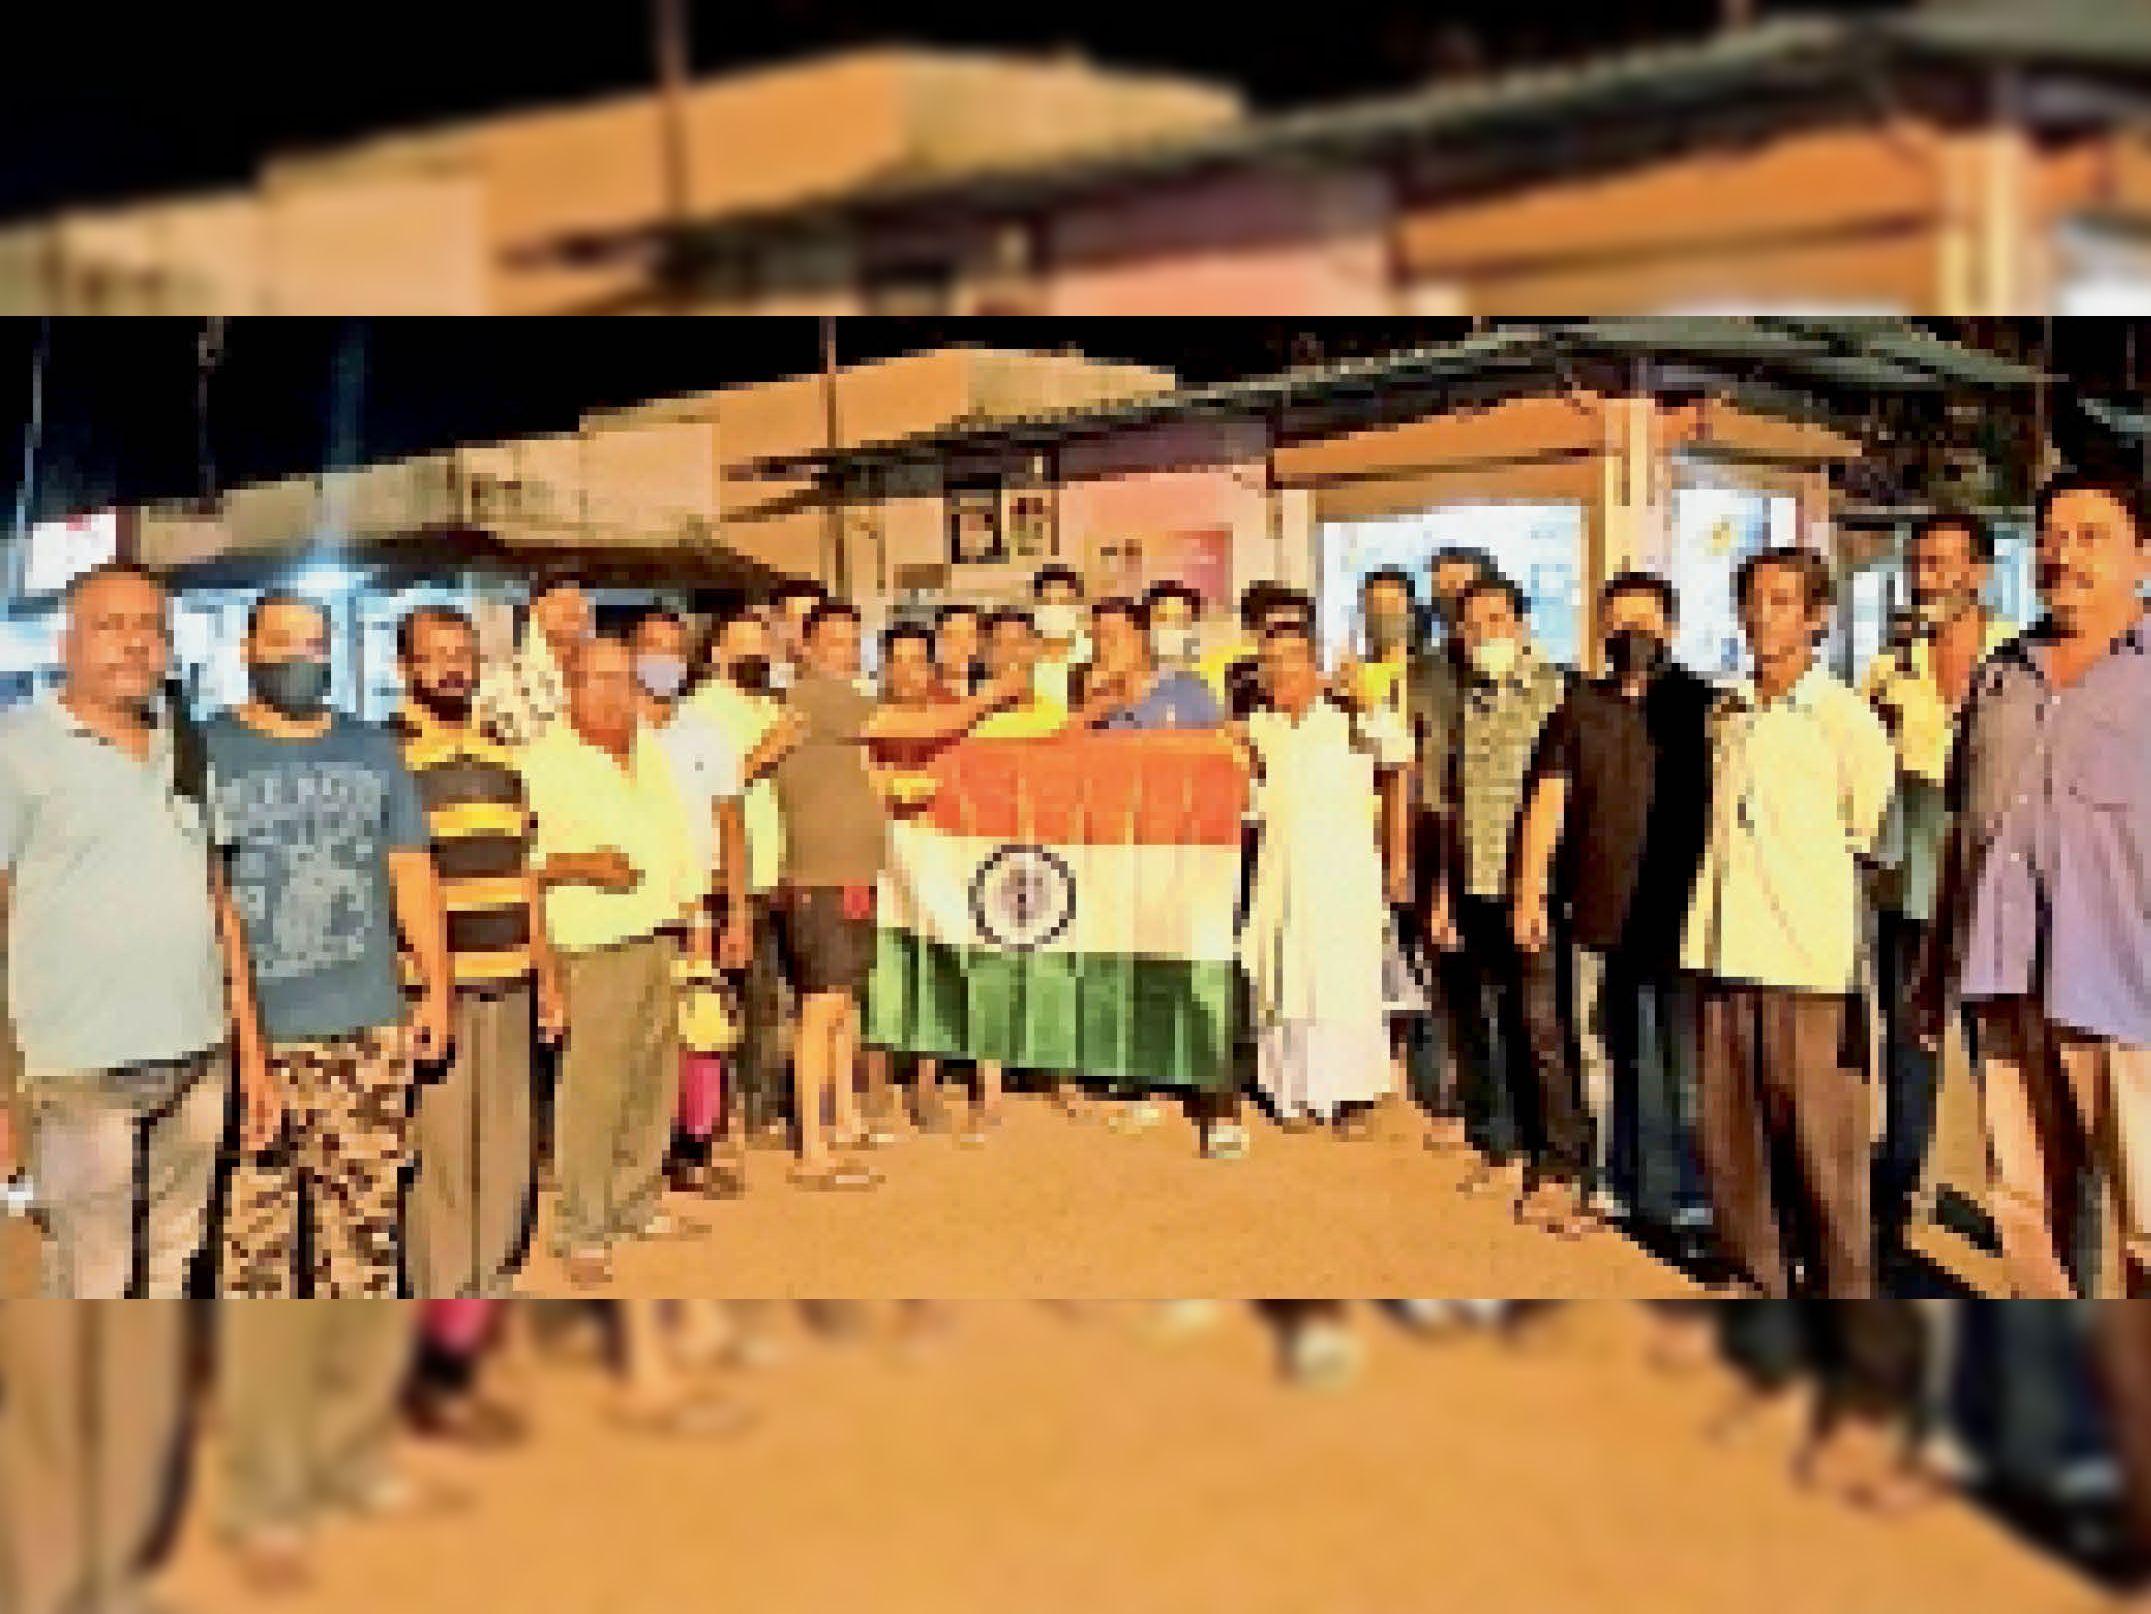 ओलंपिक में गोल्ड मिलने पर घाटशिला के मऊभंडार चौक पर एक-दूसरे को लड्डू खिला खुशी मनाते लोग। - Dainik Bhaskar